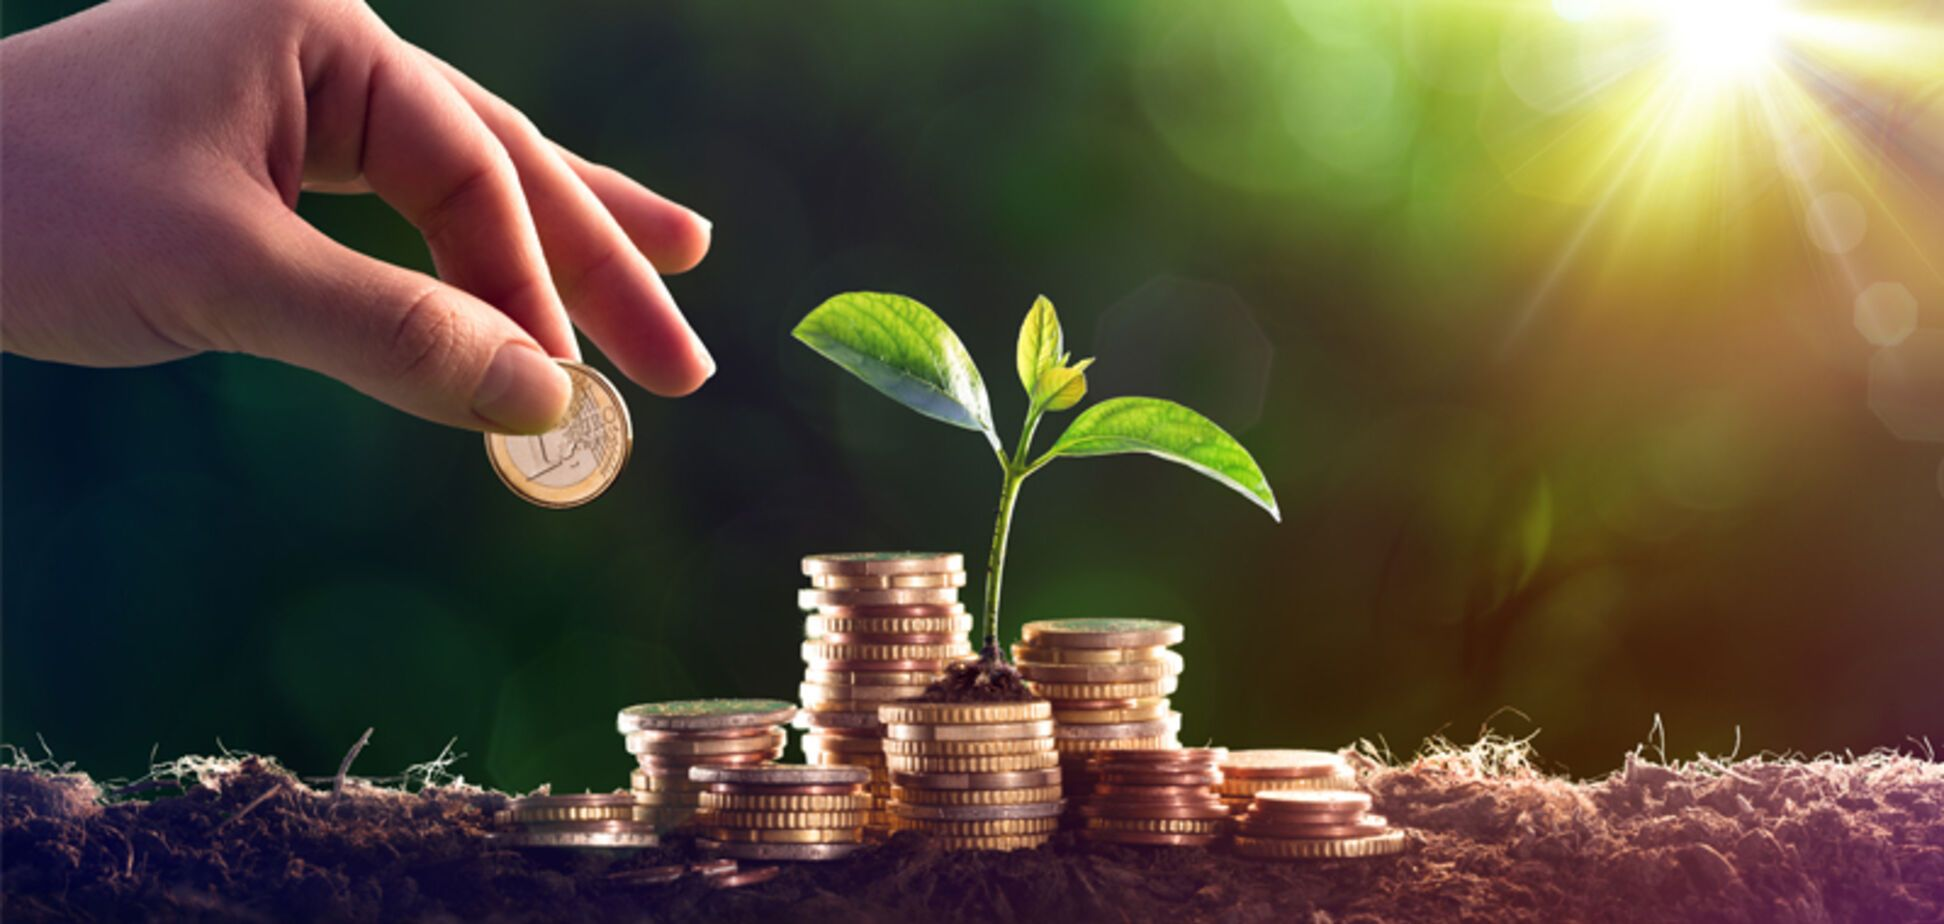 Рост ставок эконалога не обеспечил эффективного использования средств